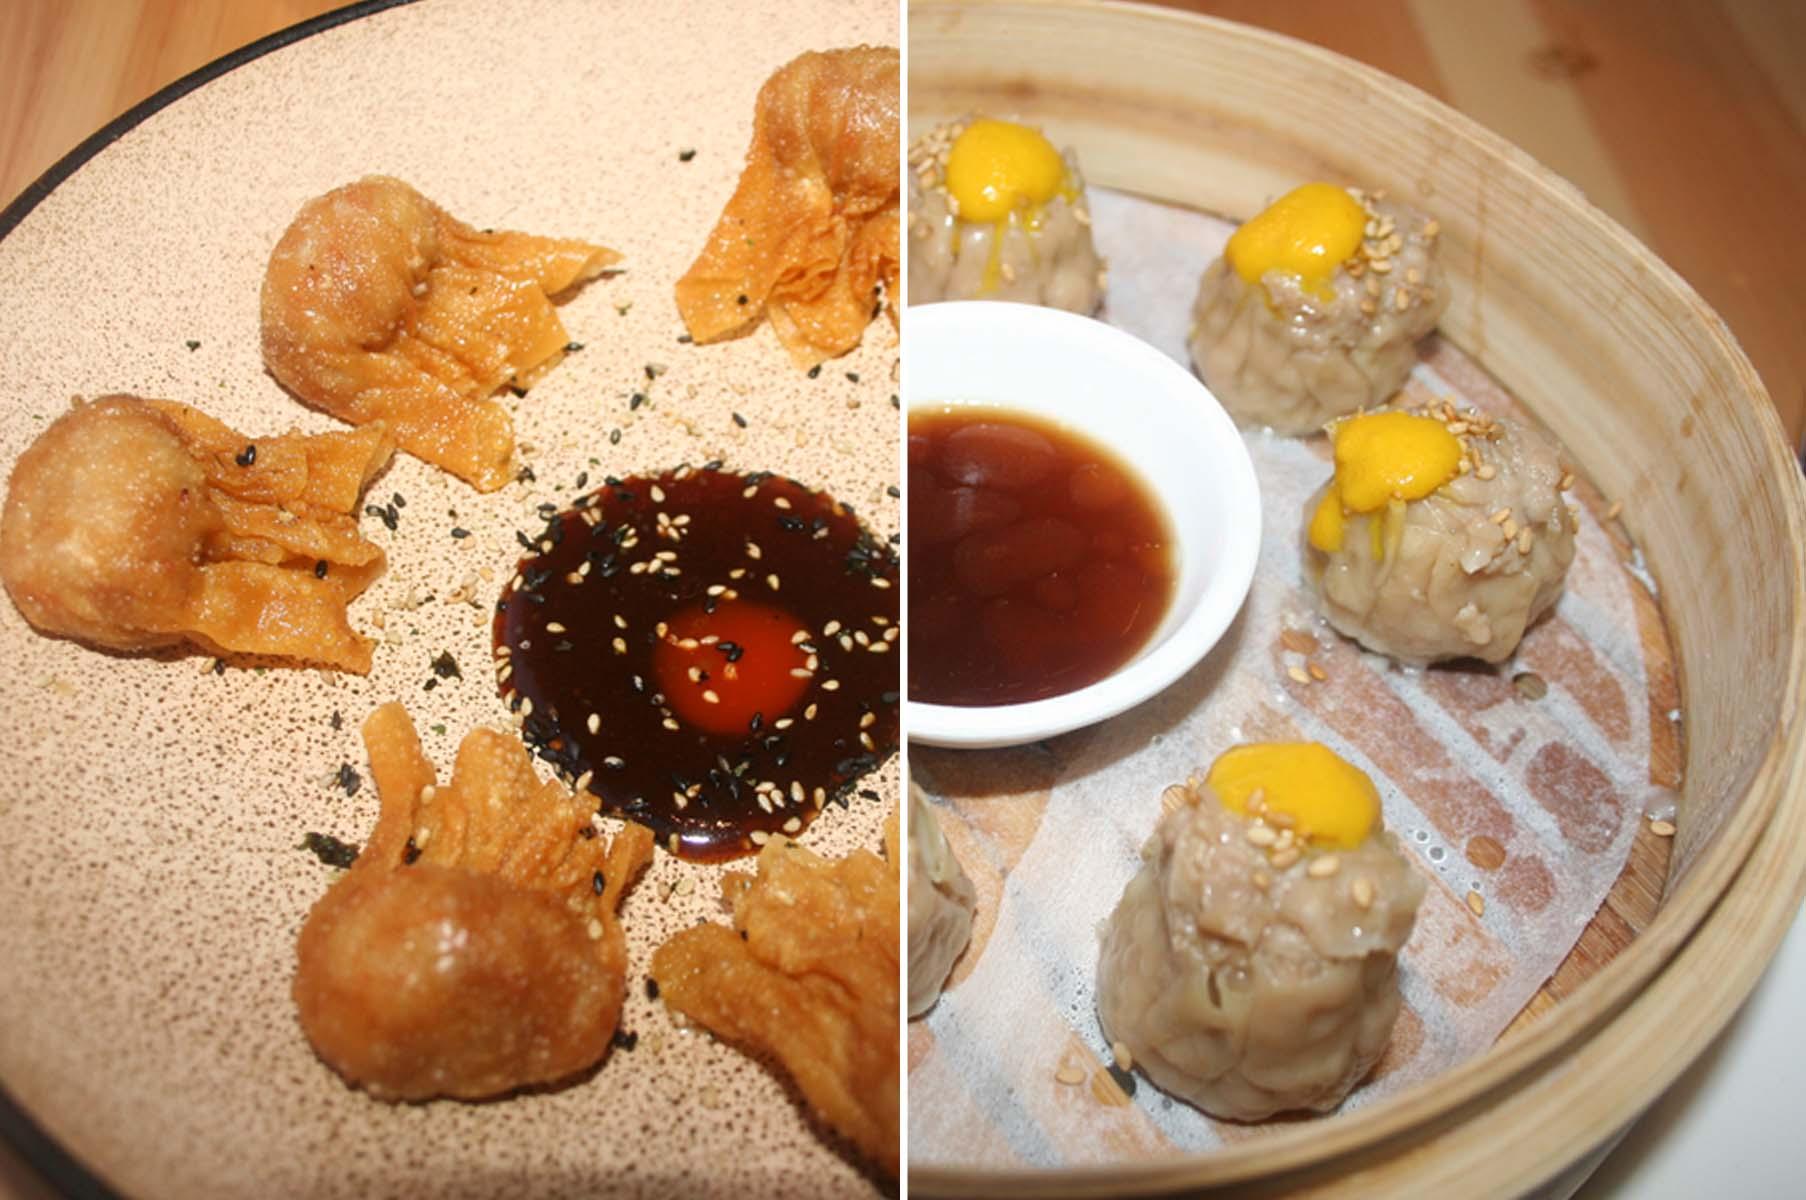 The fried kam lu wantán shrimp and pork dumplings (left) and the pollo siu mai chicken steamed dumplings. (Photos: Mark Heckathorn/DC on Heels)